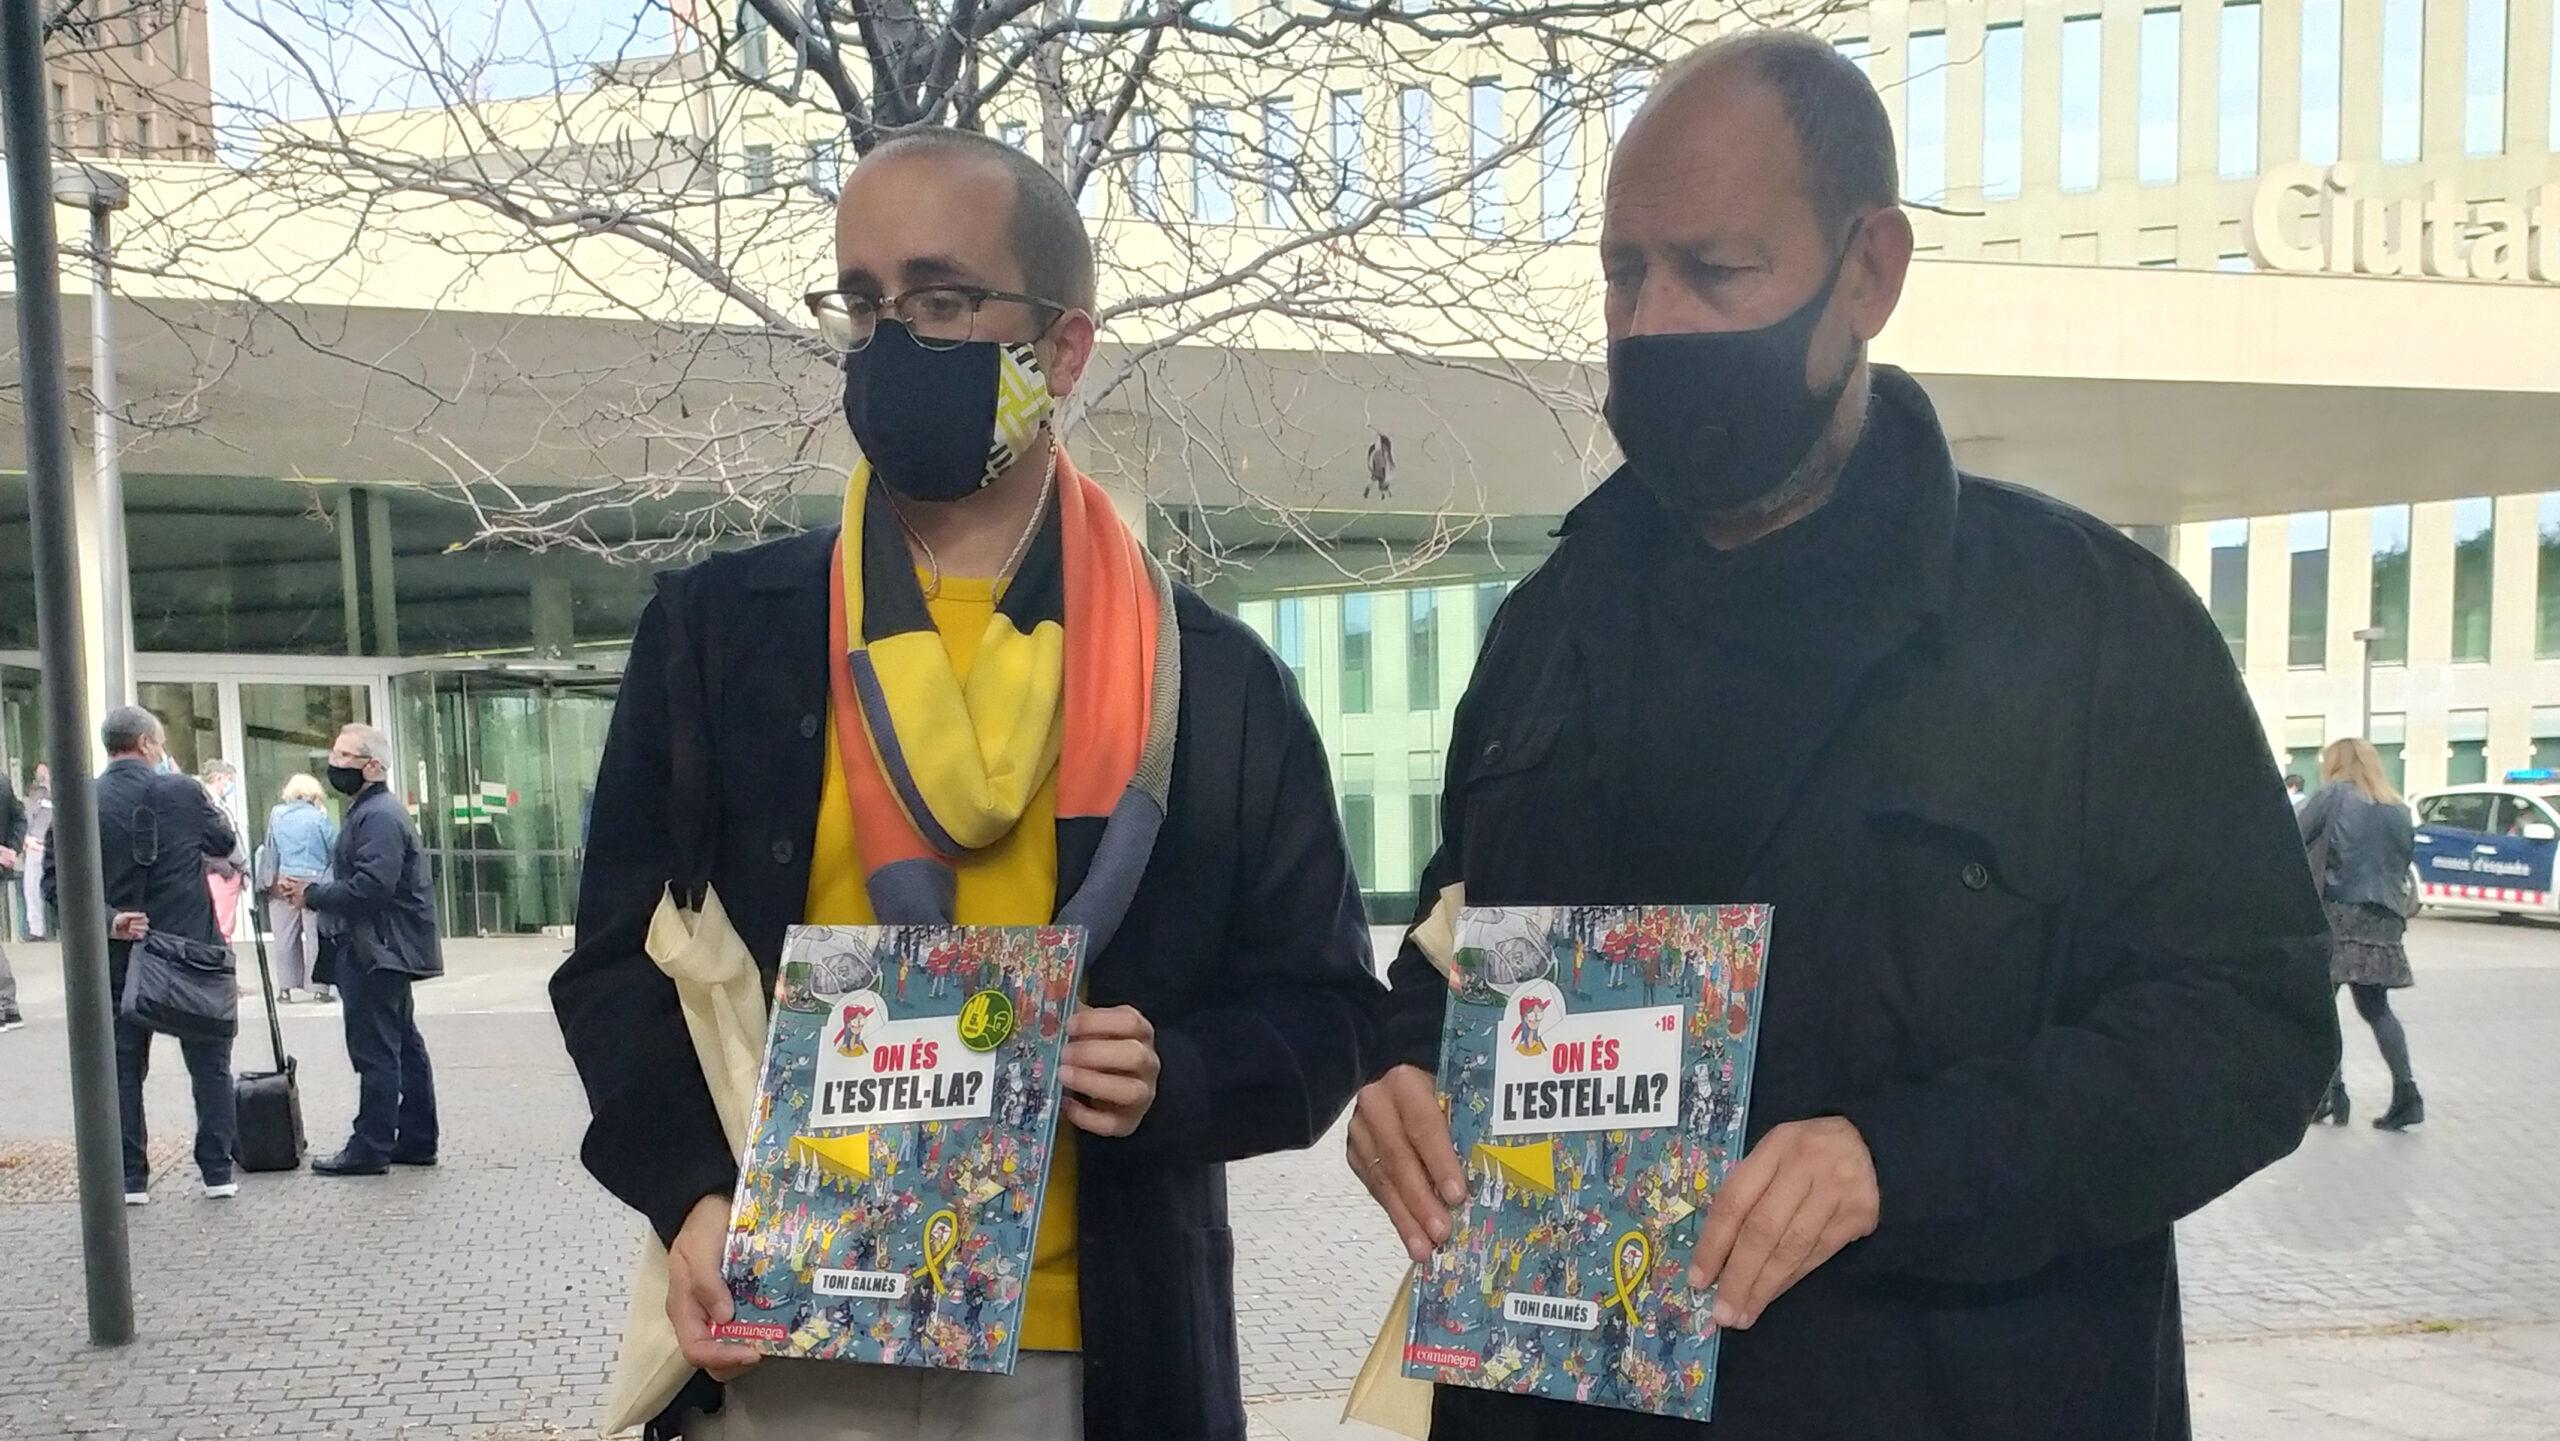 El director de Comanegra, Joan Sala, i l'editor, Jordi Puig, abans de la declaració en la causa contra l'il·lustrador d''On és l'Estel·la?', Toni Galmés, per injúries (ACN)